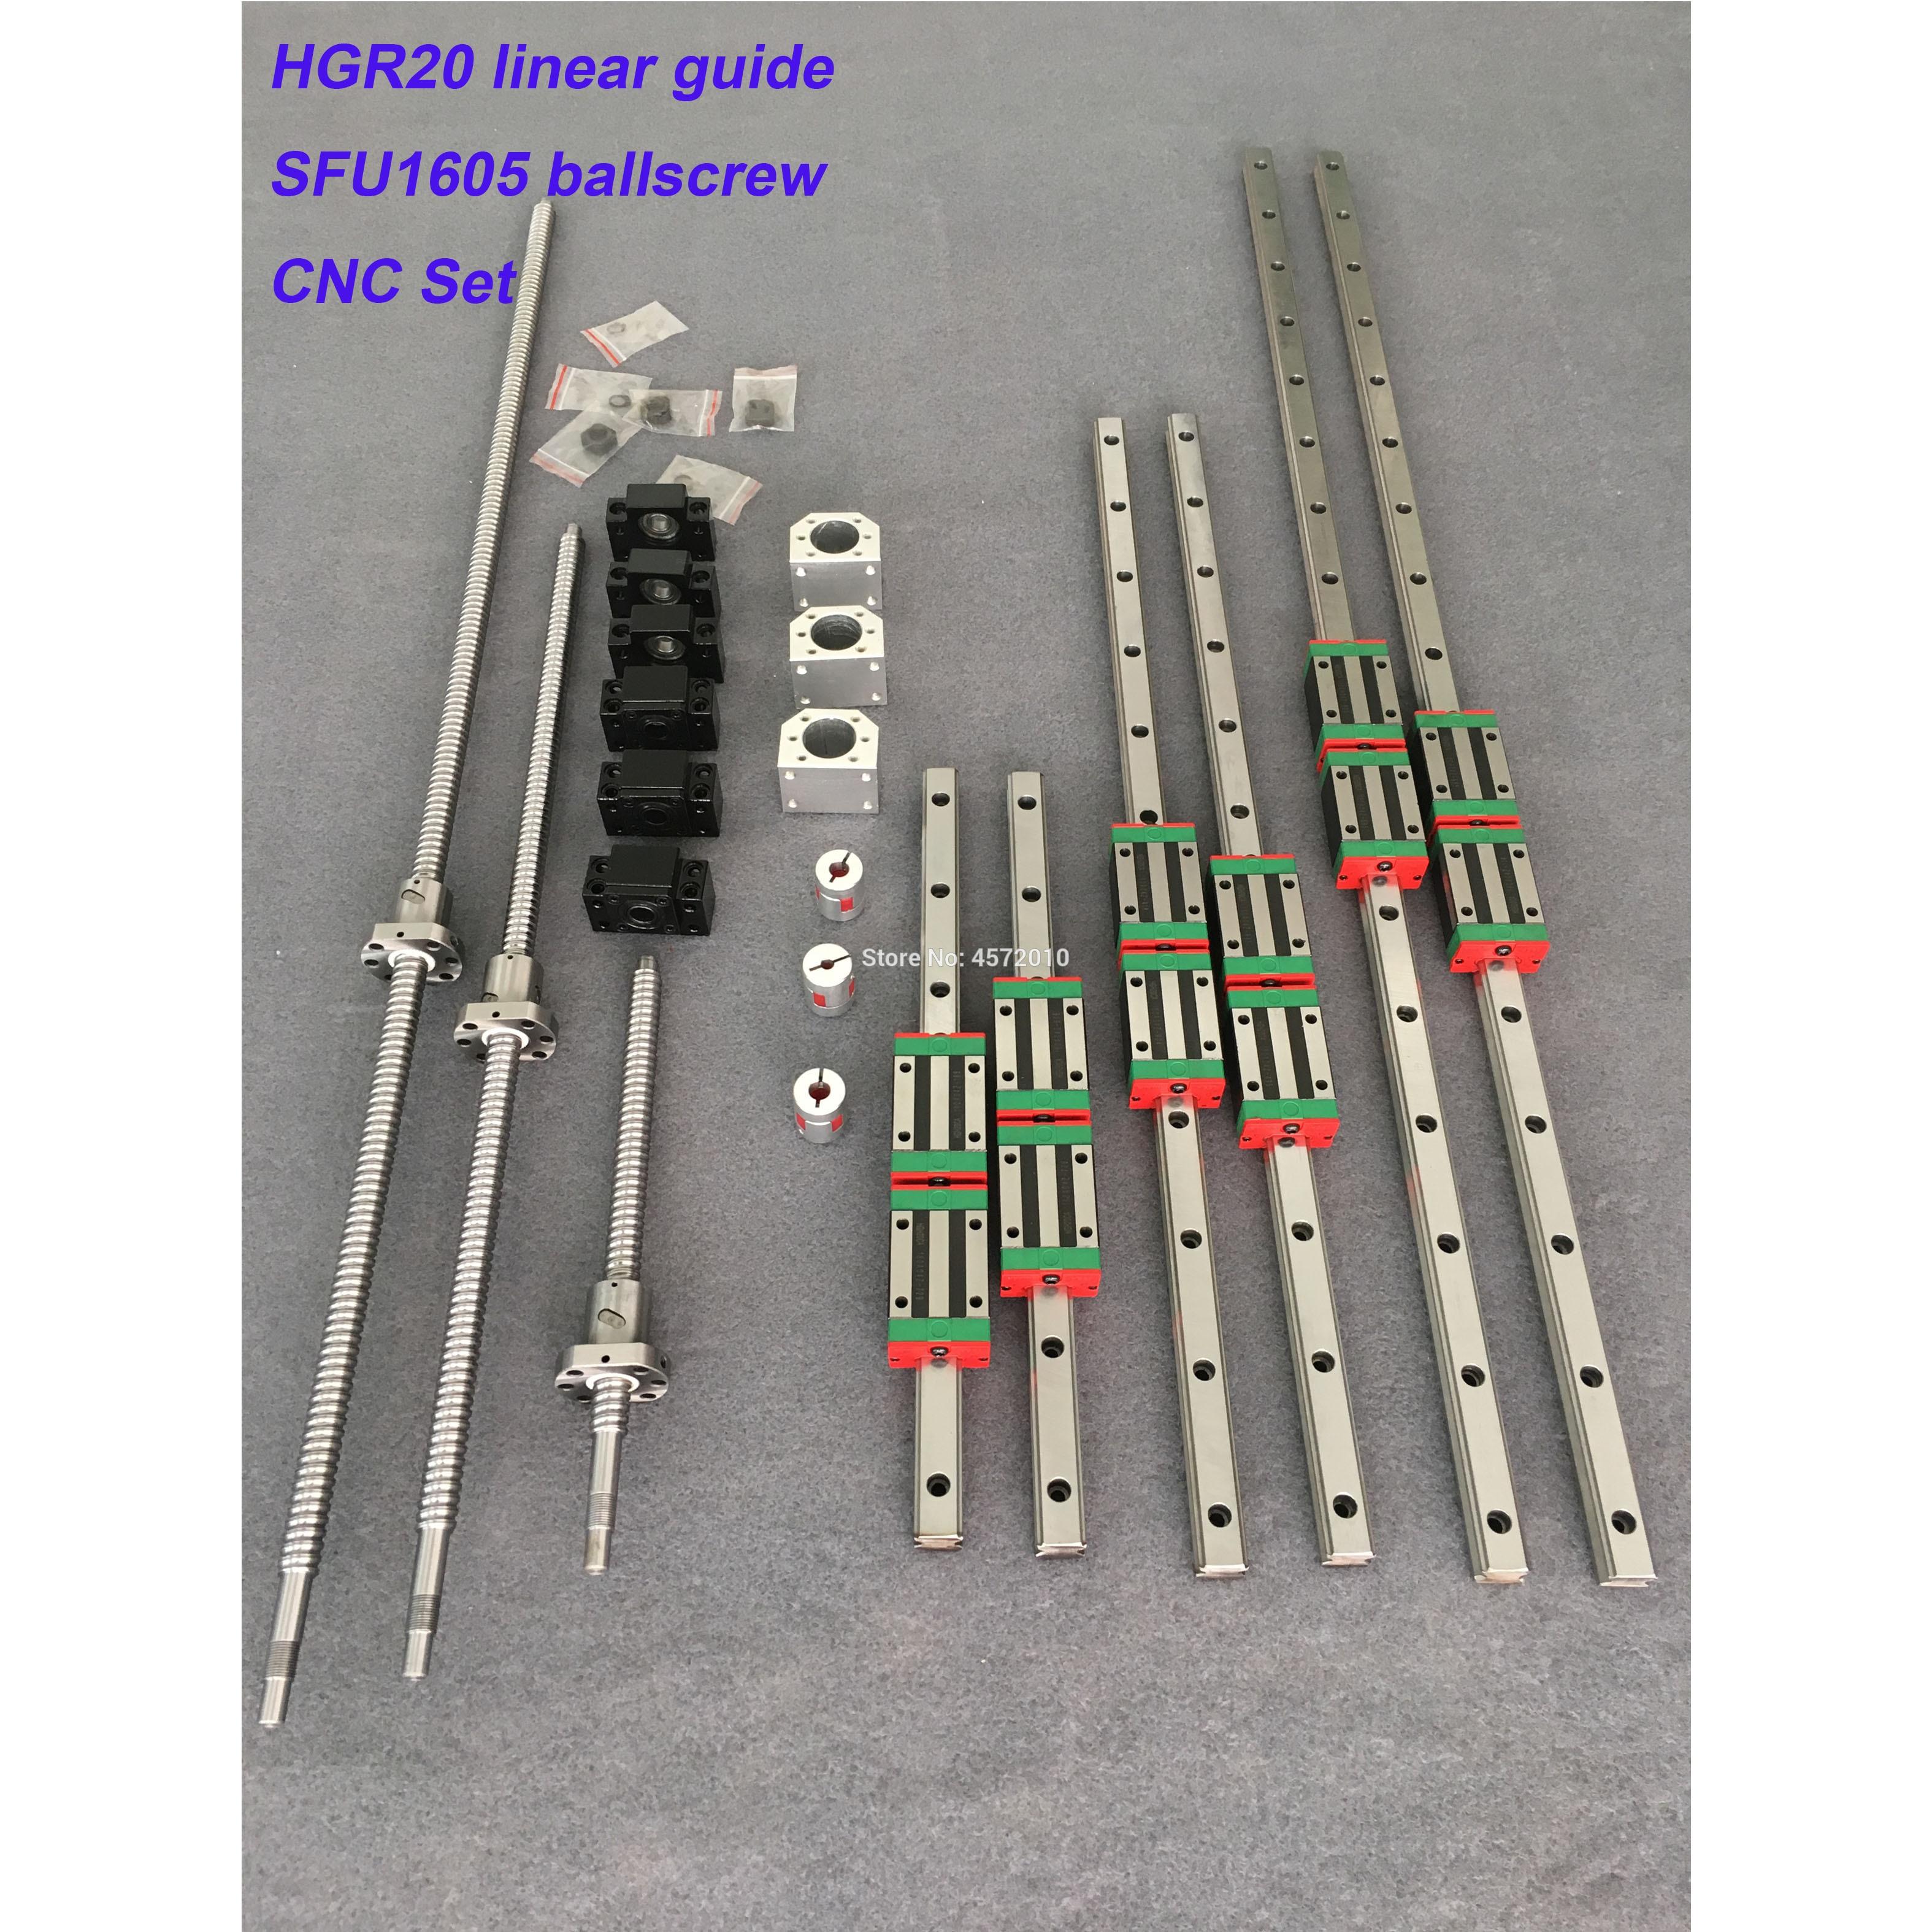 EU RU 6 шт. квадратные линейные направляющие комплекты фотографий/700/1000 мм 3 шт. шариковый винт SFU1605 - 400/700/1000 мм BK/BF строгие детали